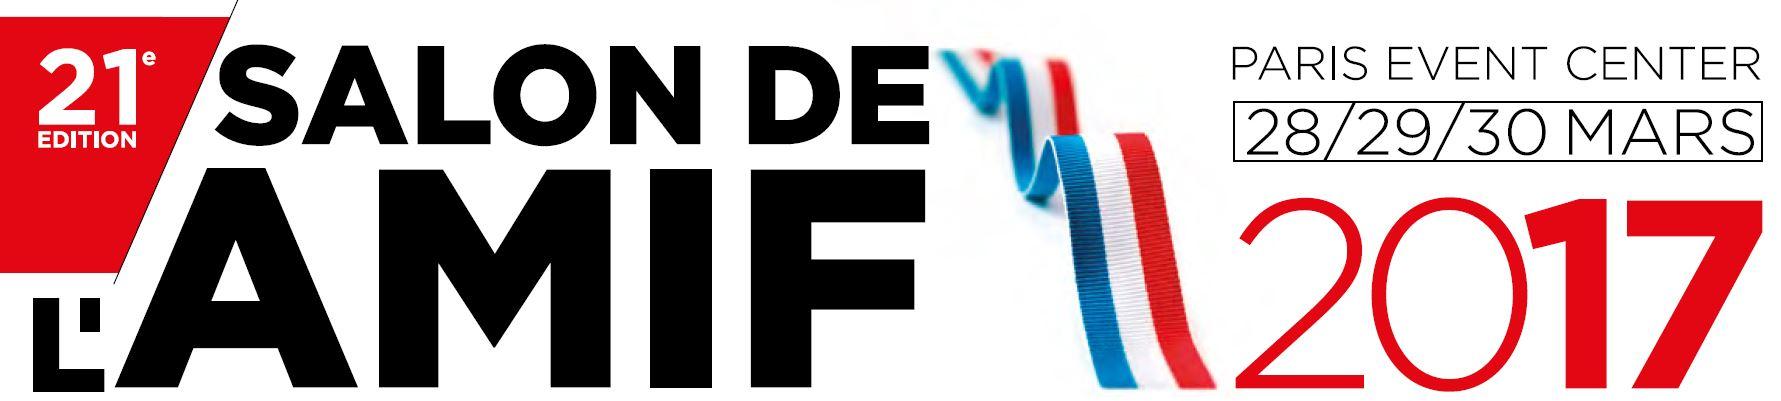 capture-logo-evenement